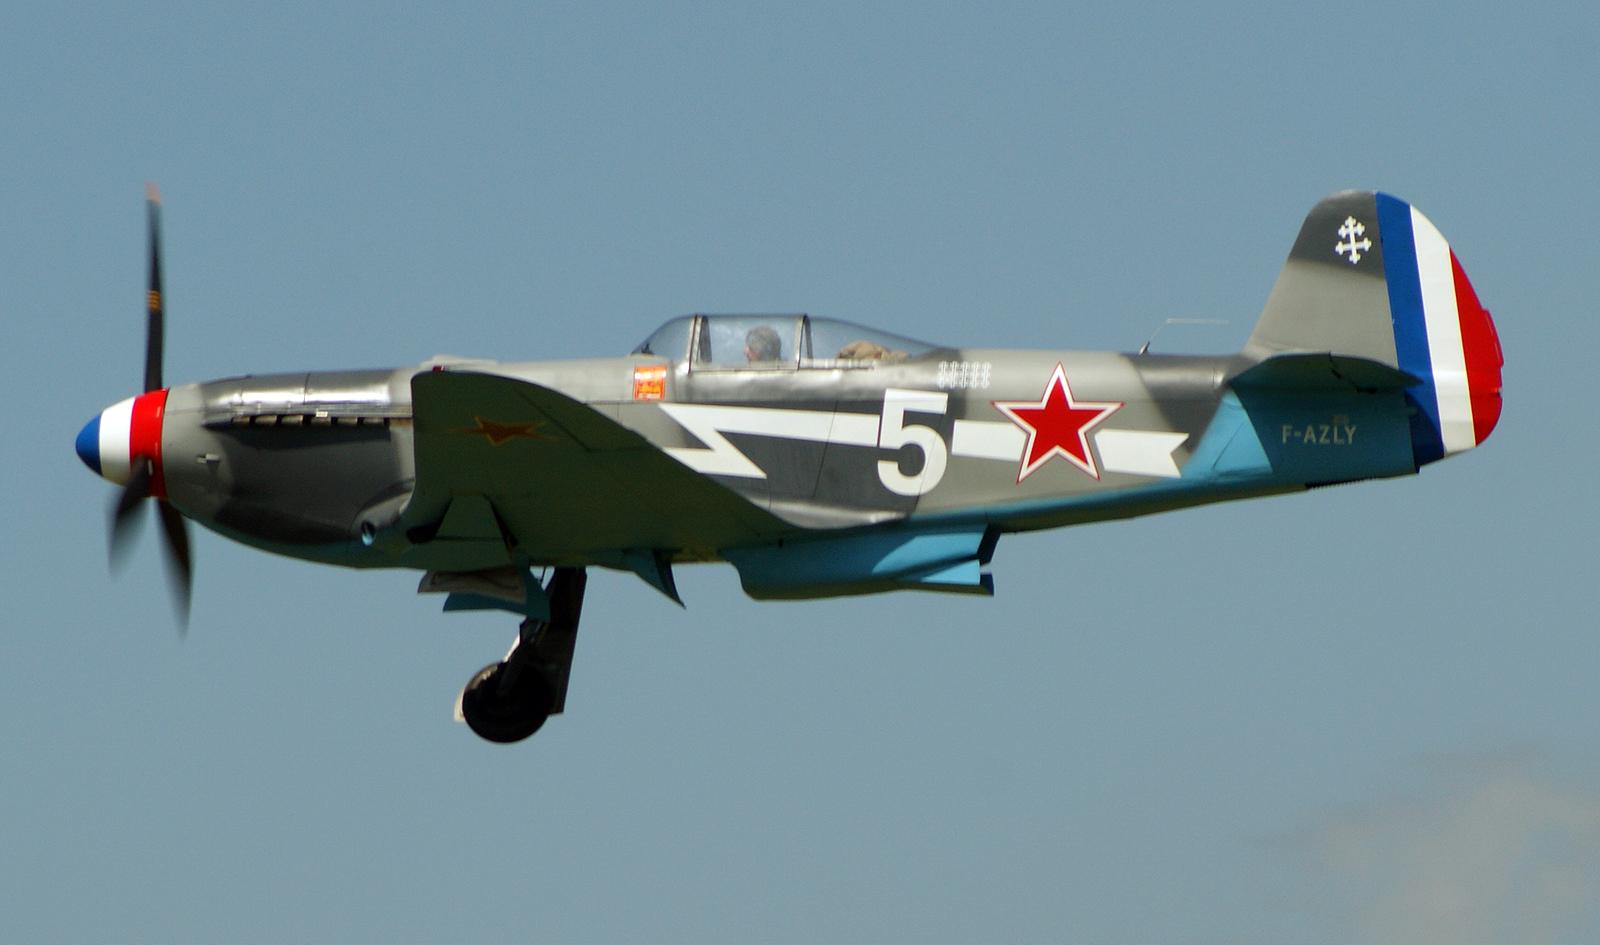 Yakovlev Yak-3UA F-AZLY 5 Soviet Air Force